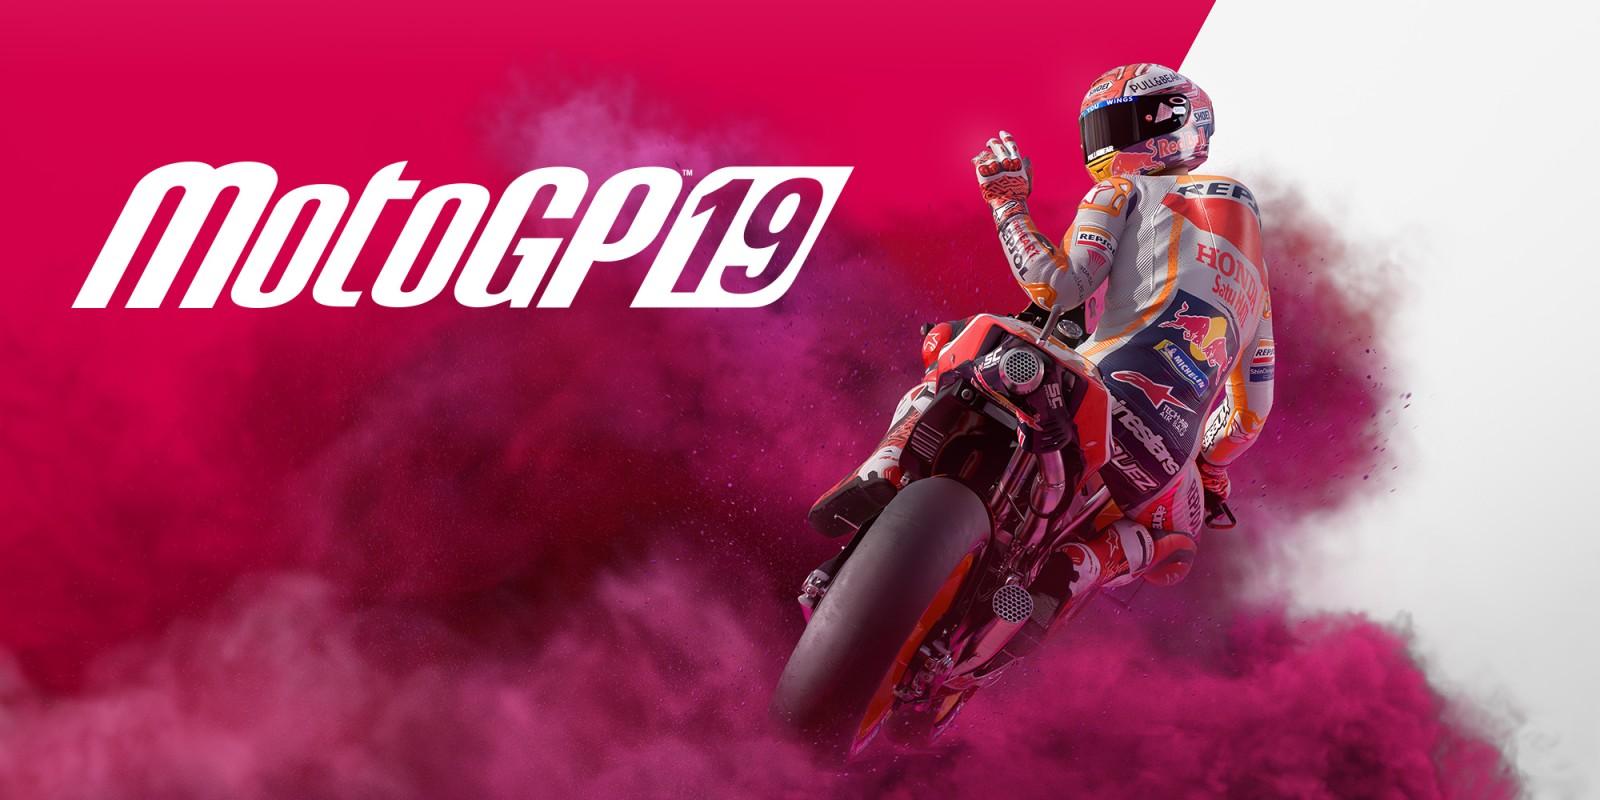 MotoGP19 - Recensione